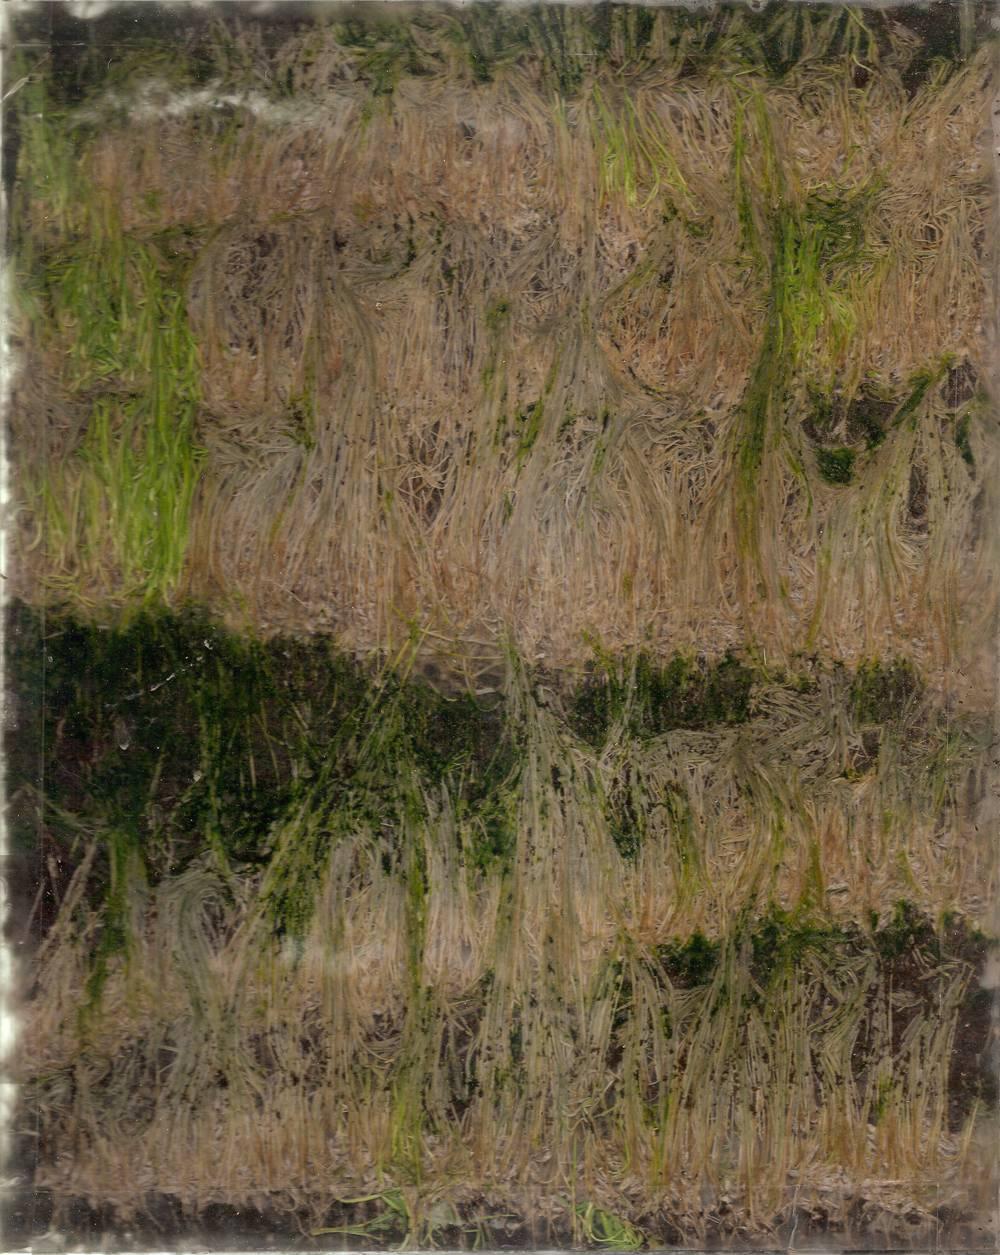 Plexiglass, Grass Seed, Soil  2013